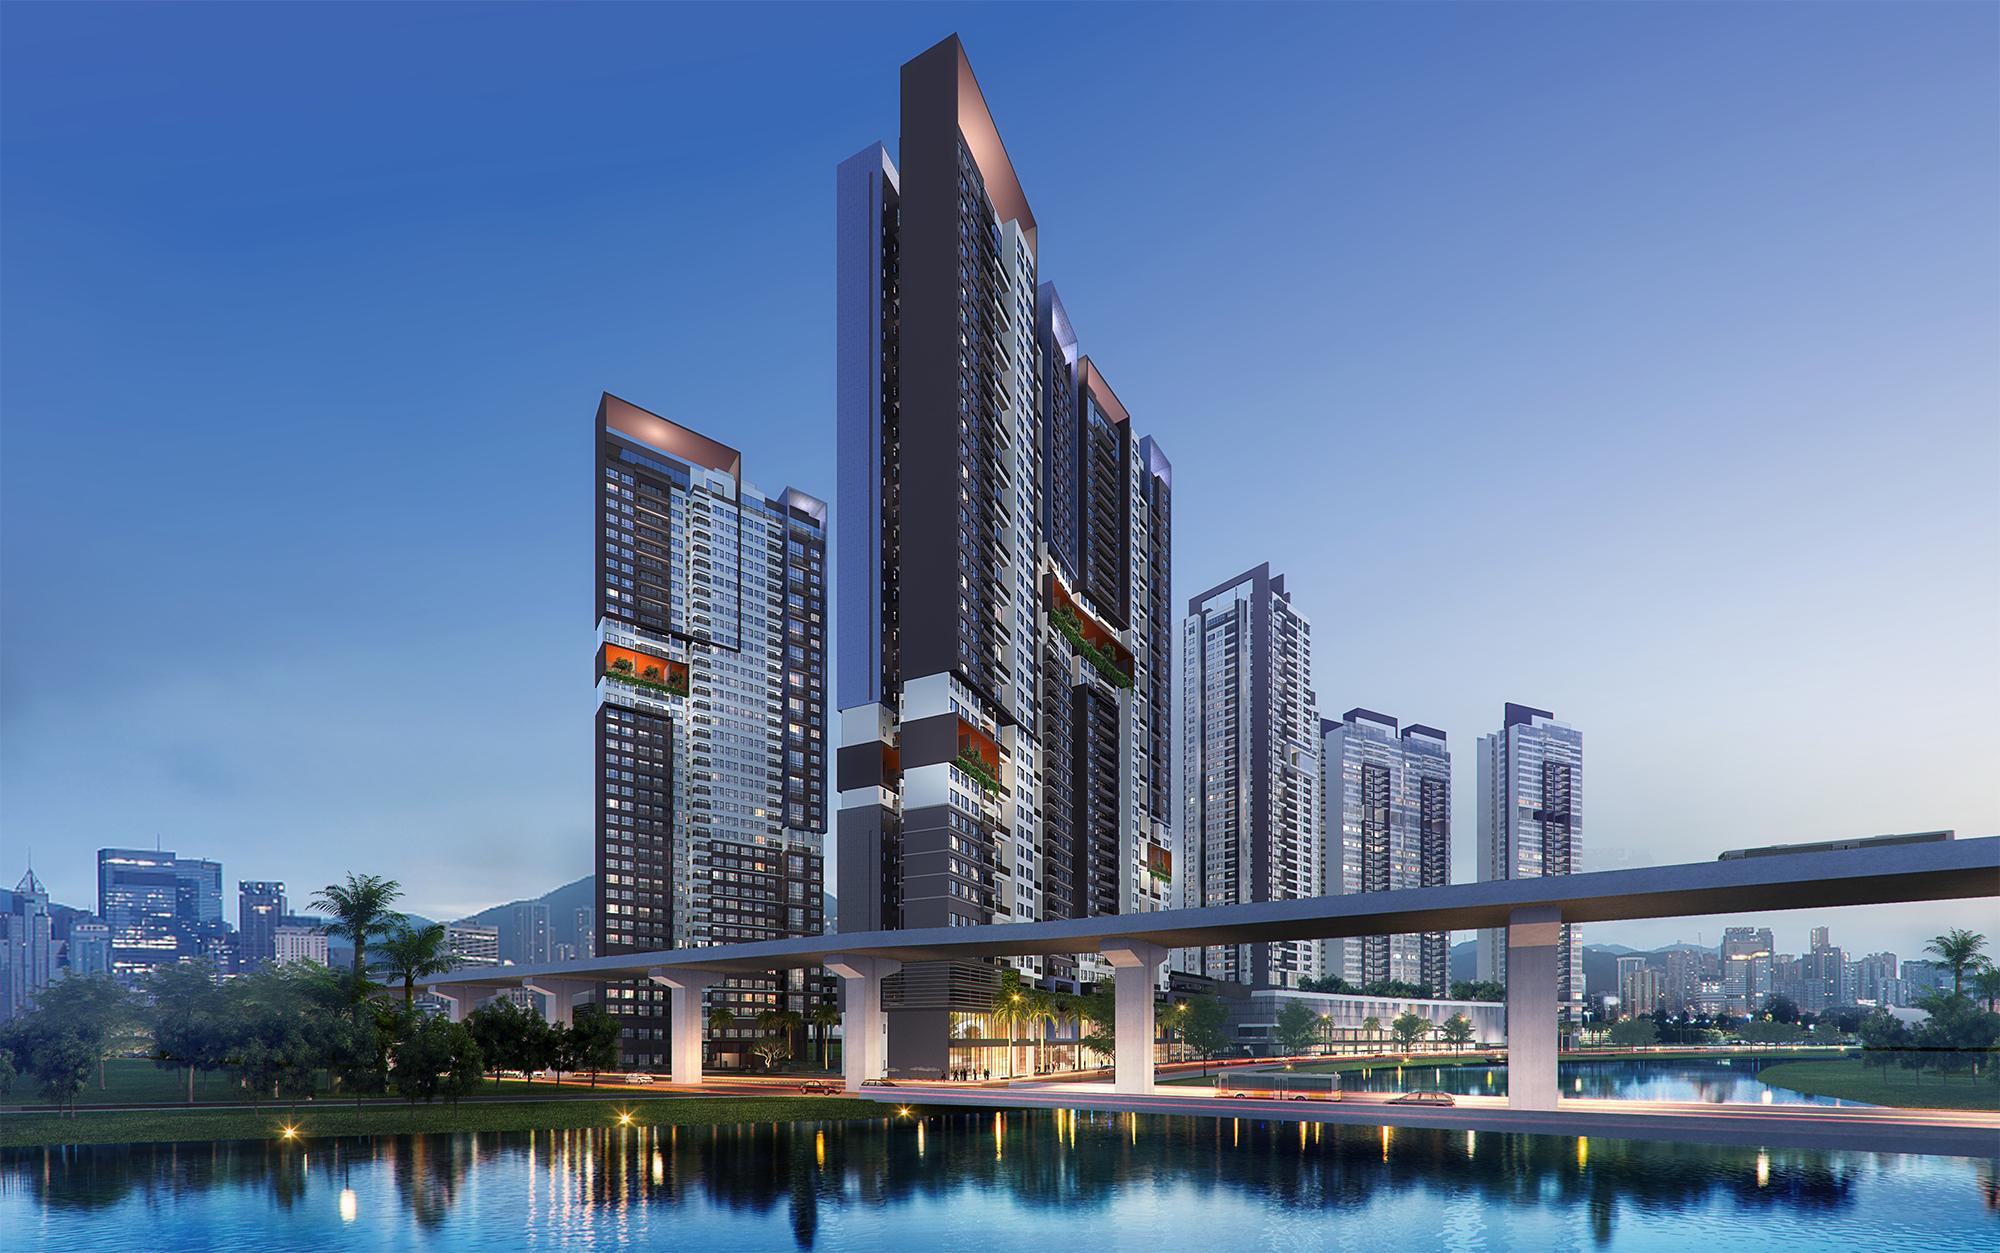 Dự án căn hộ phong cách Hawaii, sức hút mới trên thị trường quận 7 - Ảnh 1.